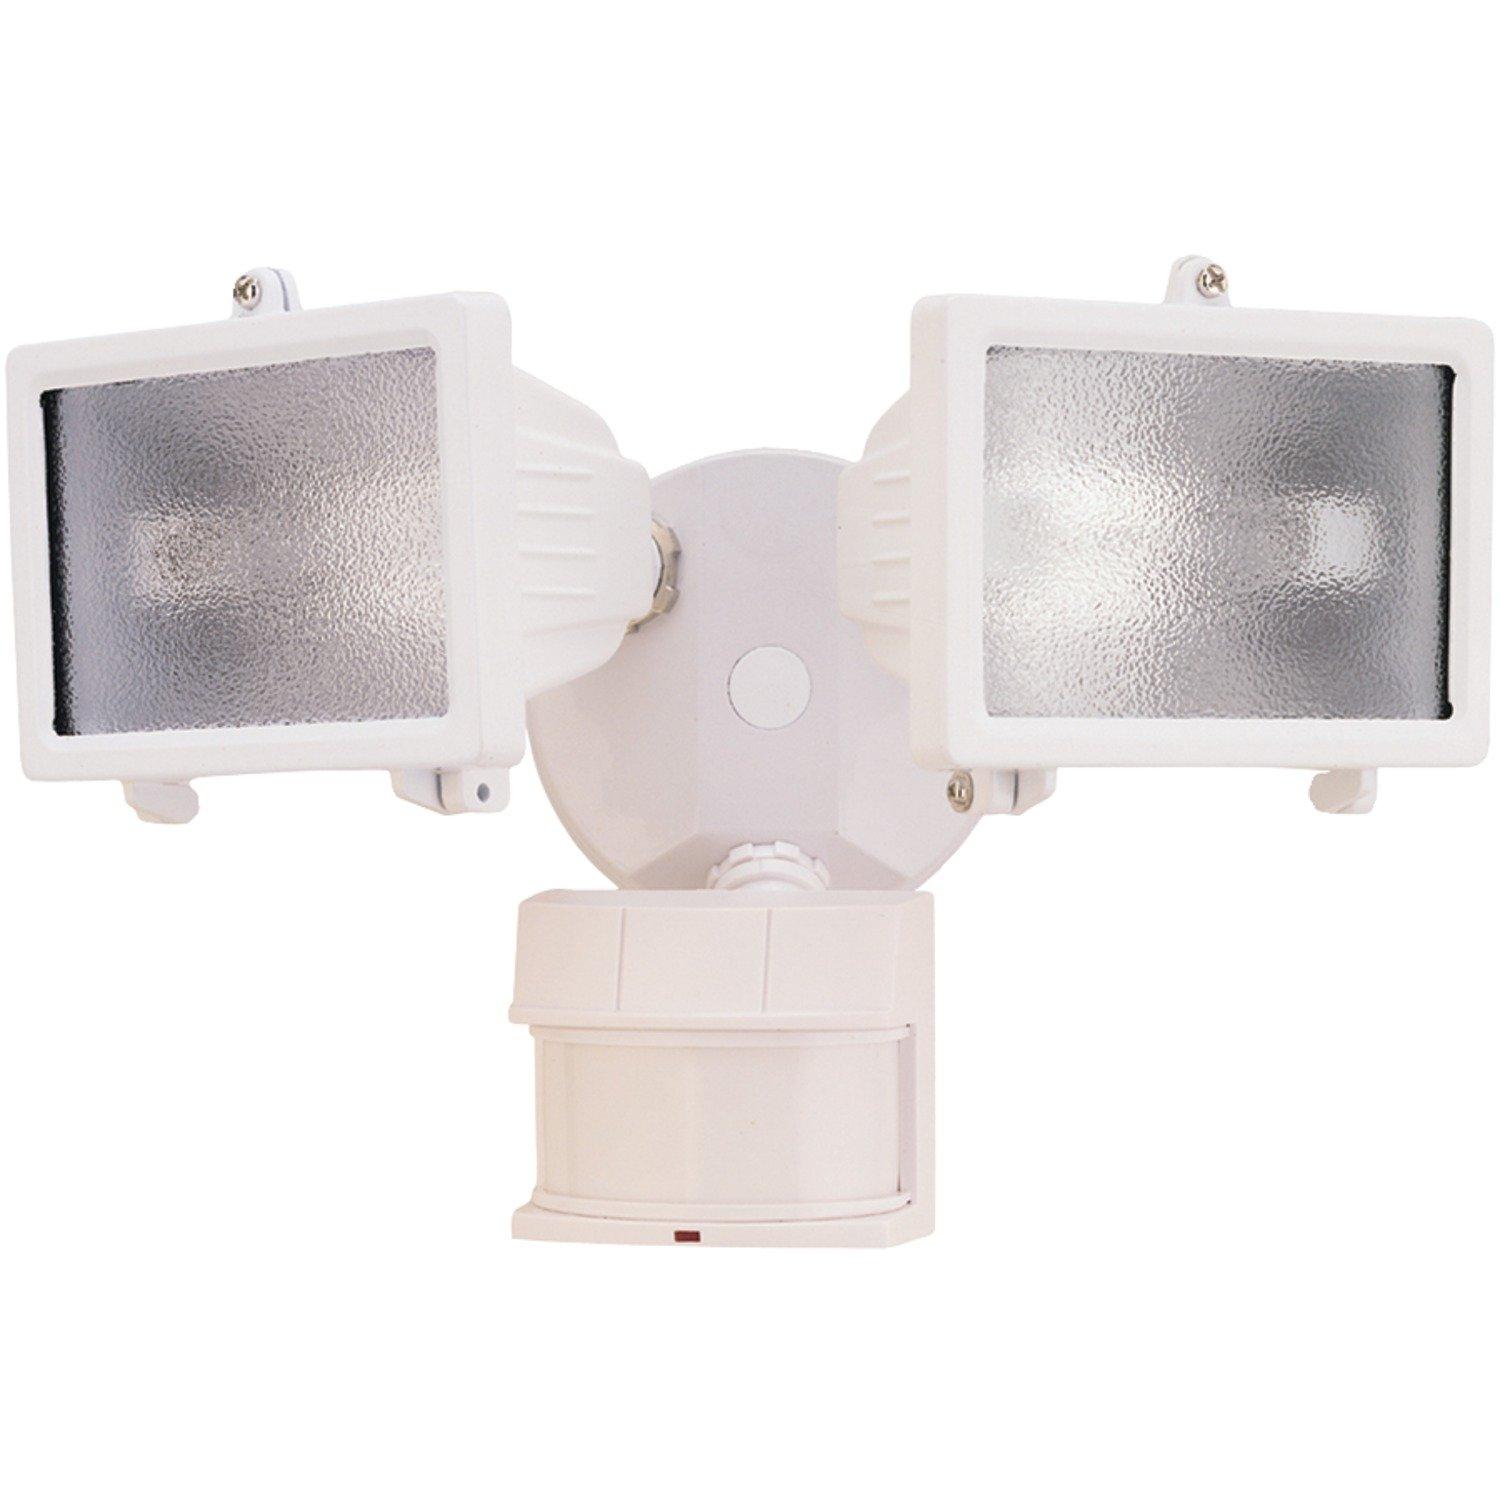 Heath Zenith HZ 5512 WH Dualbrite 150 Watt Motion Sensing Halogen White